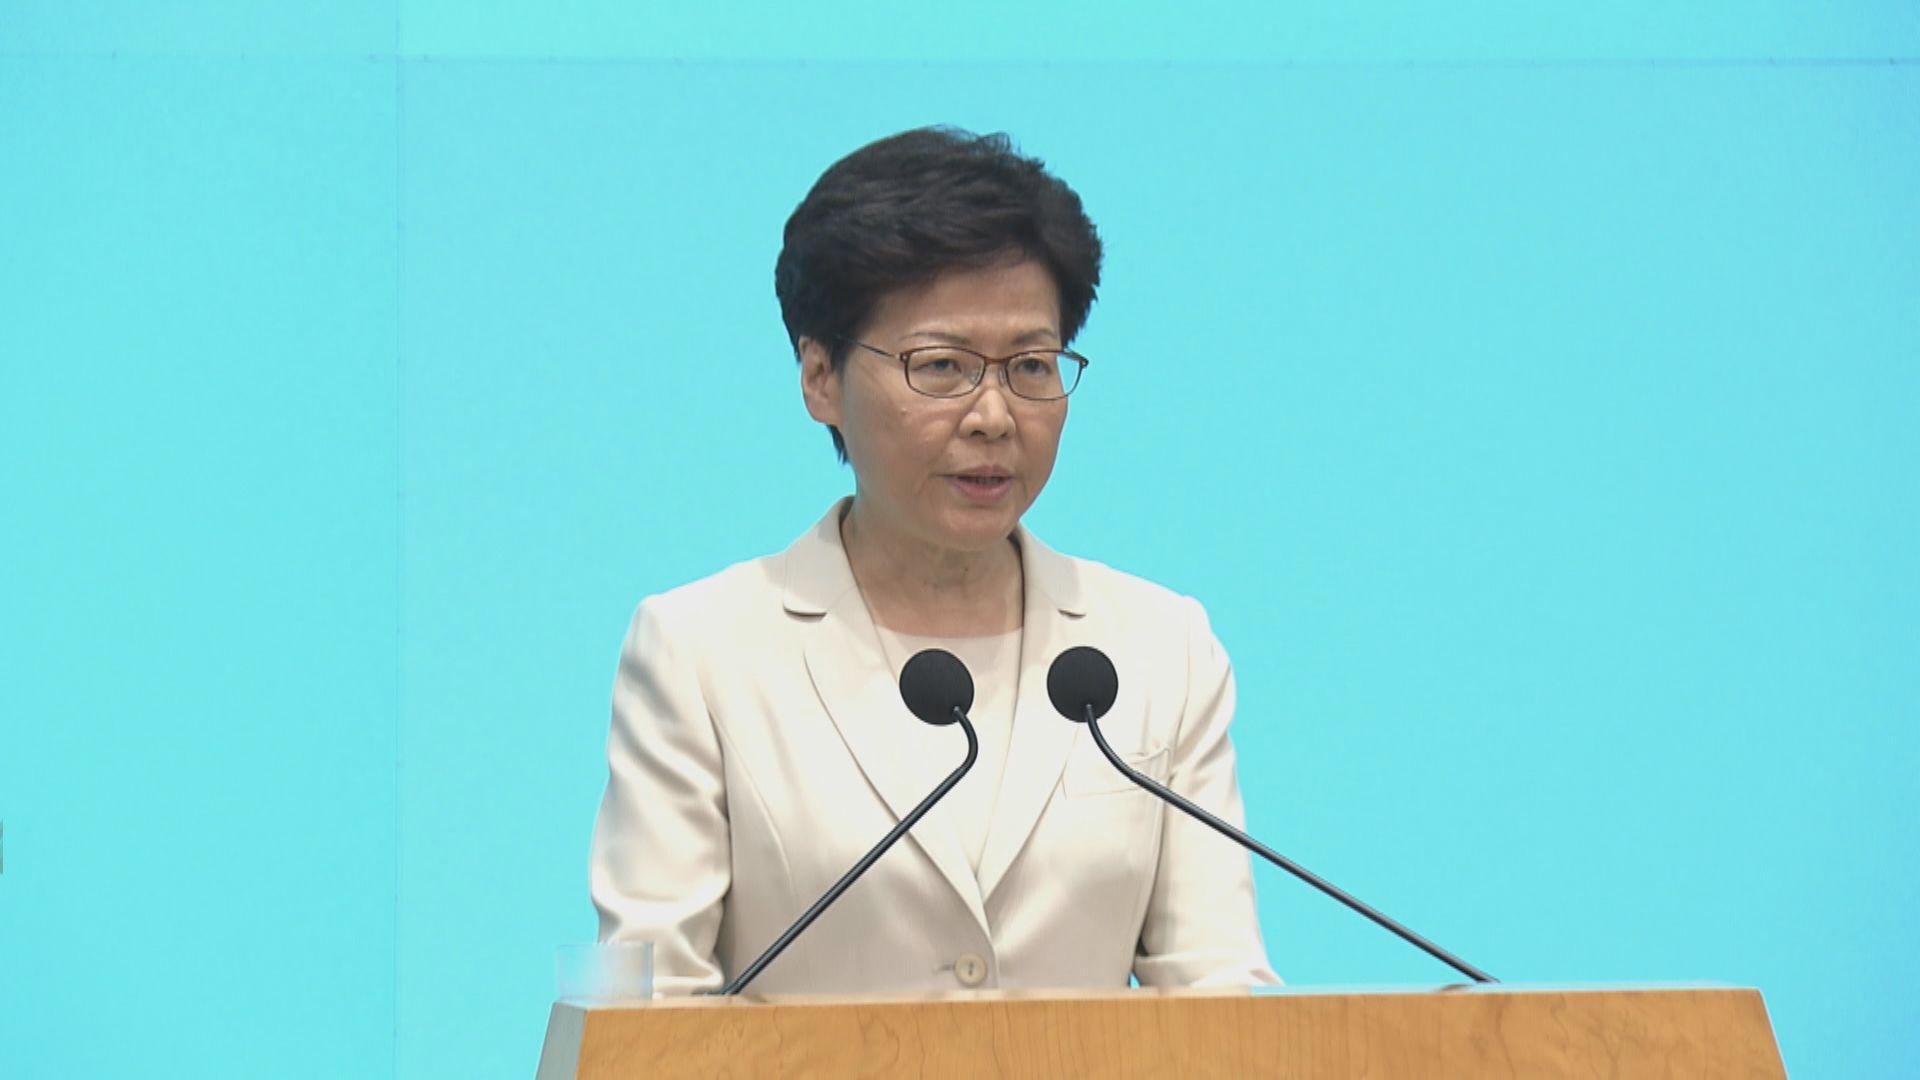 林鄭:冀市民給予機會繼續工作